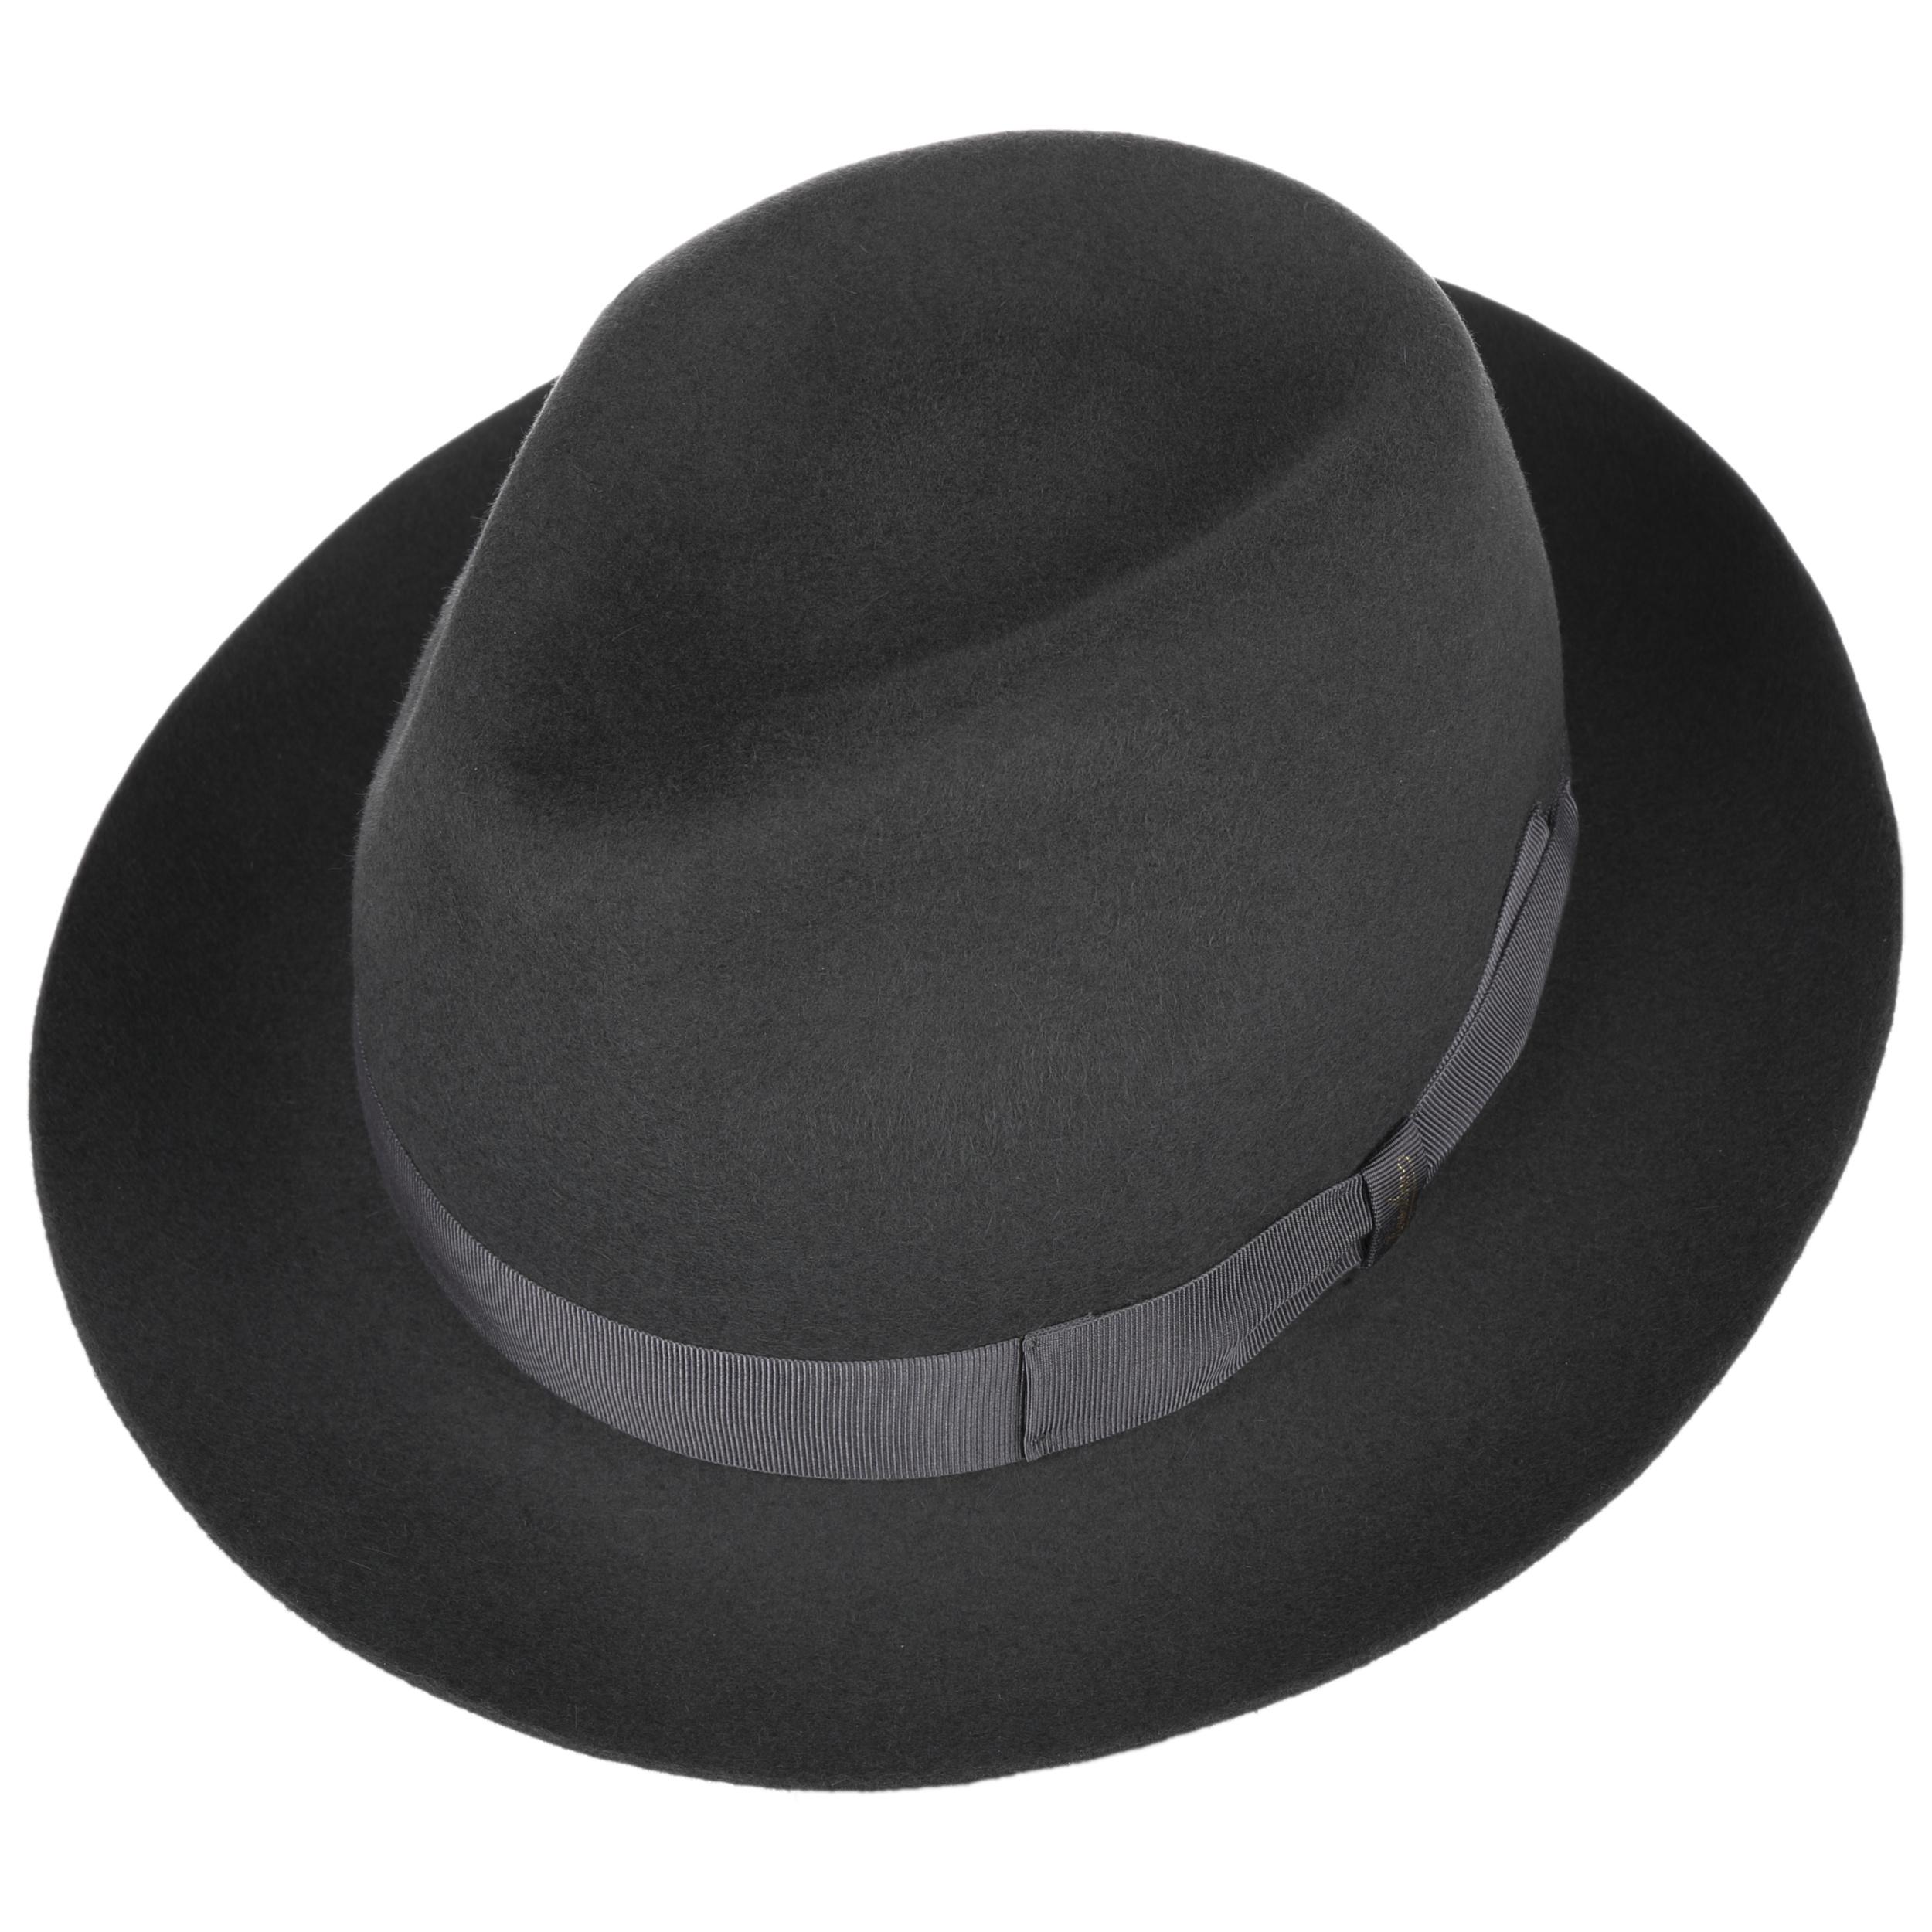 Cappello Uomo in Feltro u Marengo Modello: 490025 Nero Borsalino